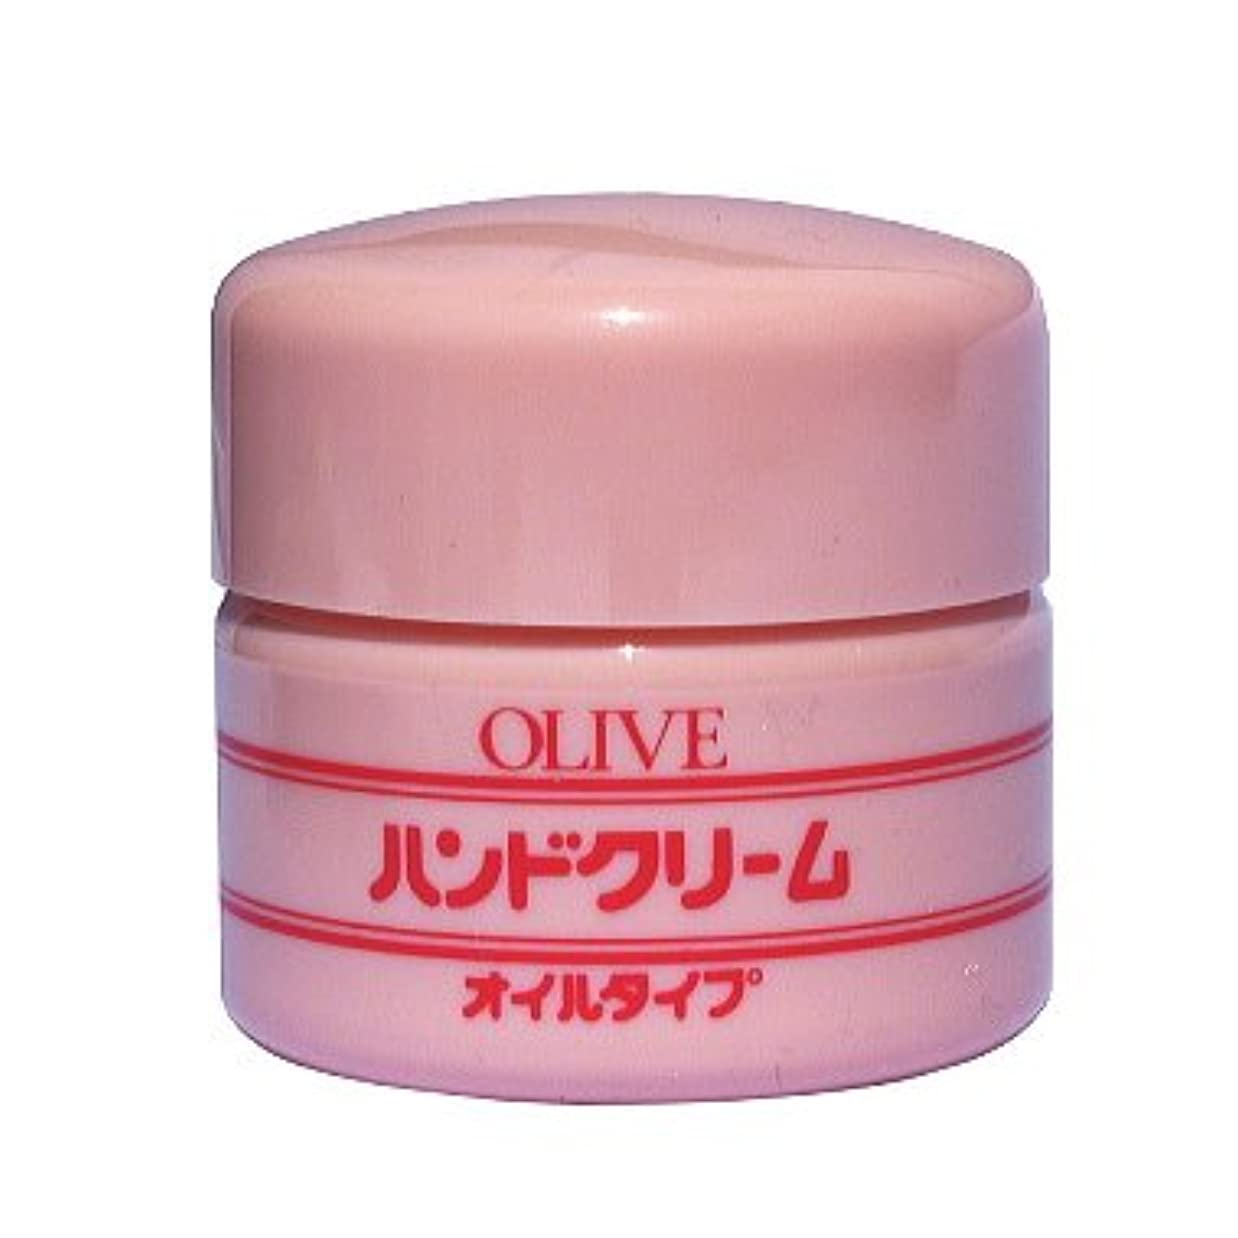 オリエンタル周術期服鈴虫化粧品 オリーブハンドクリーム(オイルタイプ/容器タイプ)53g